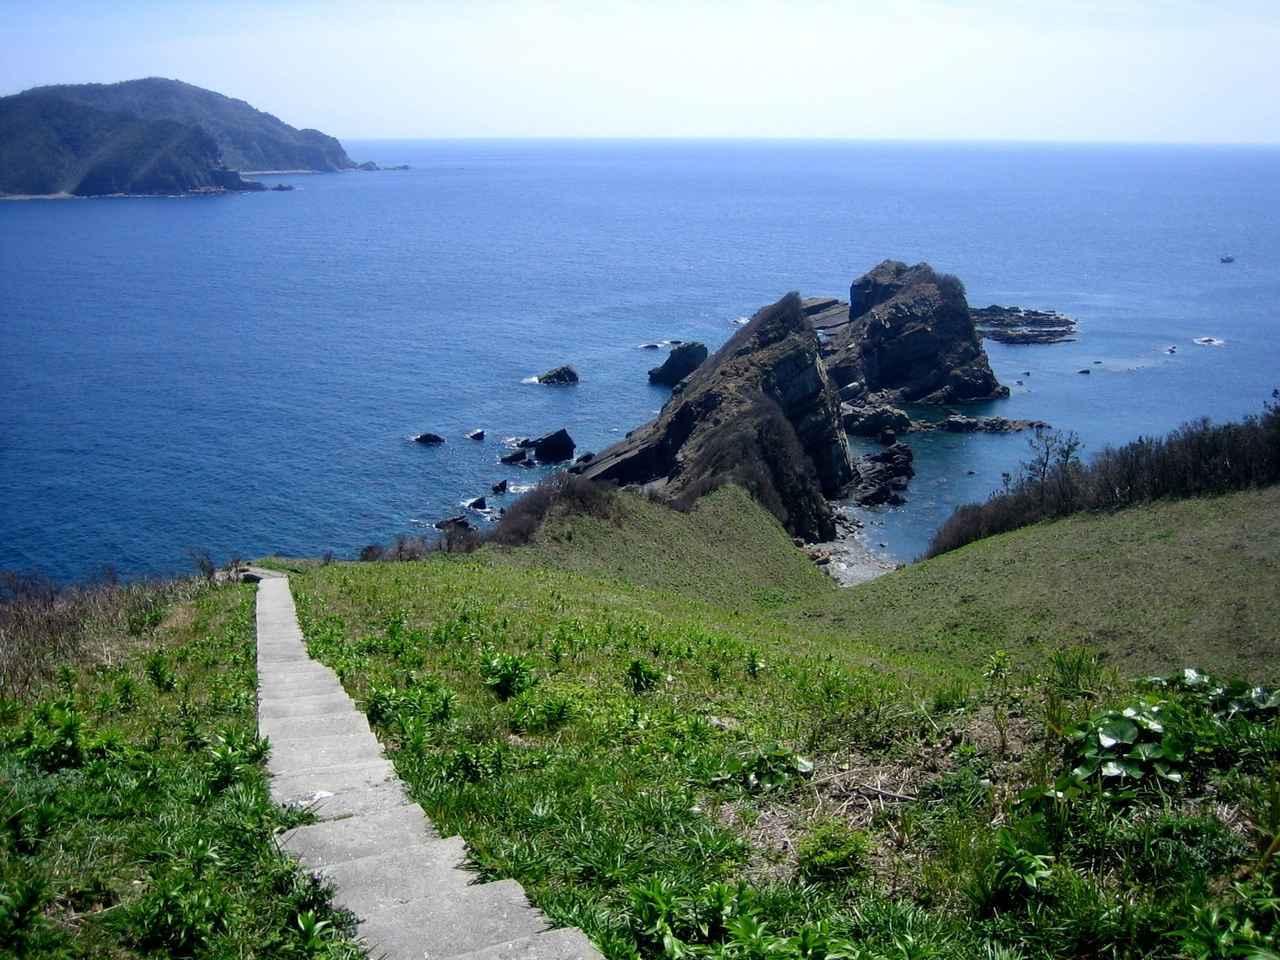 画像: 鳥ノ巣山展望所(下甑島の北端に位置する絶景スポット。上甑島と下甑島の「甑架橋の工事」風景が見えます)